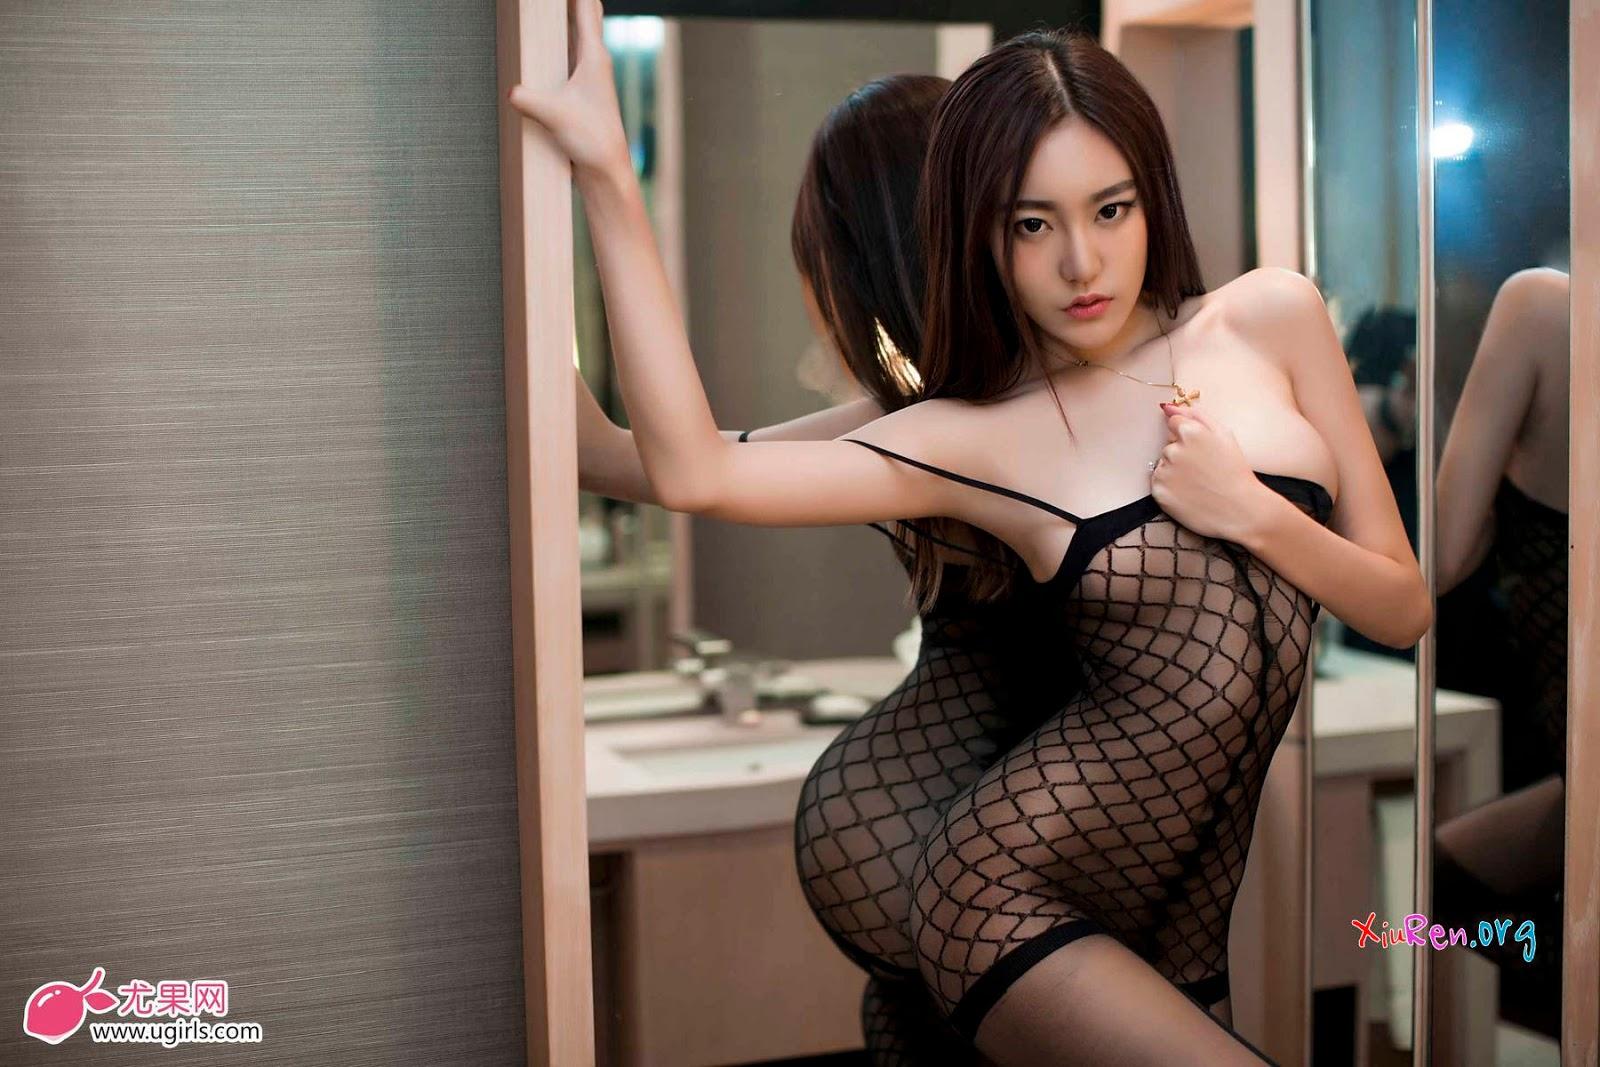 Ảnh gái đẹp HD mình dây ngực khủng bố 6